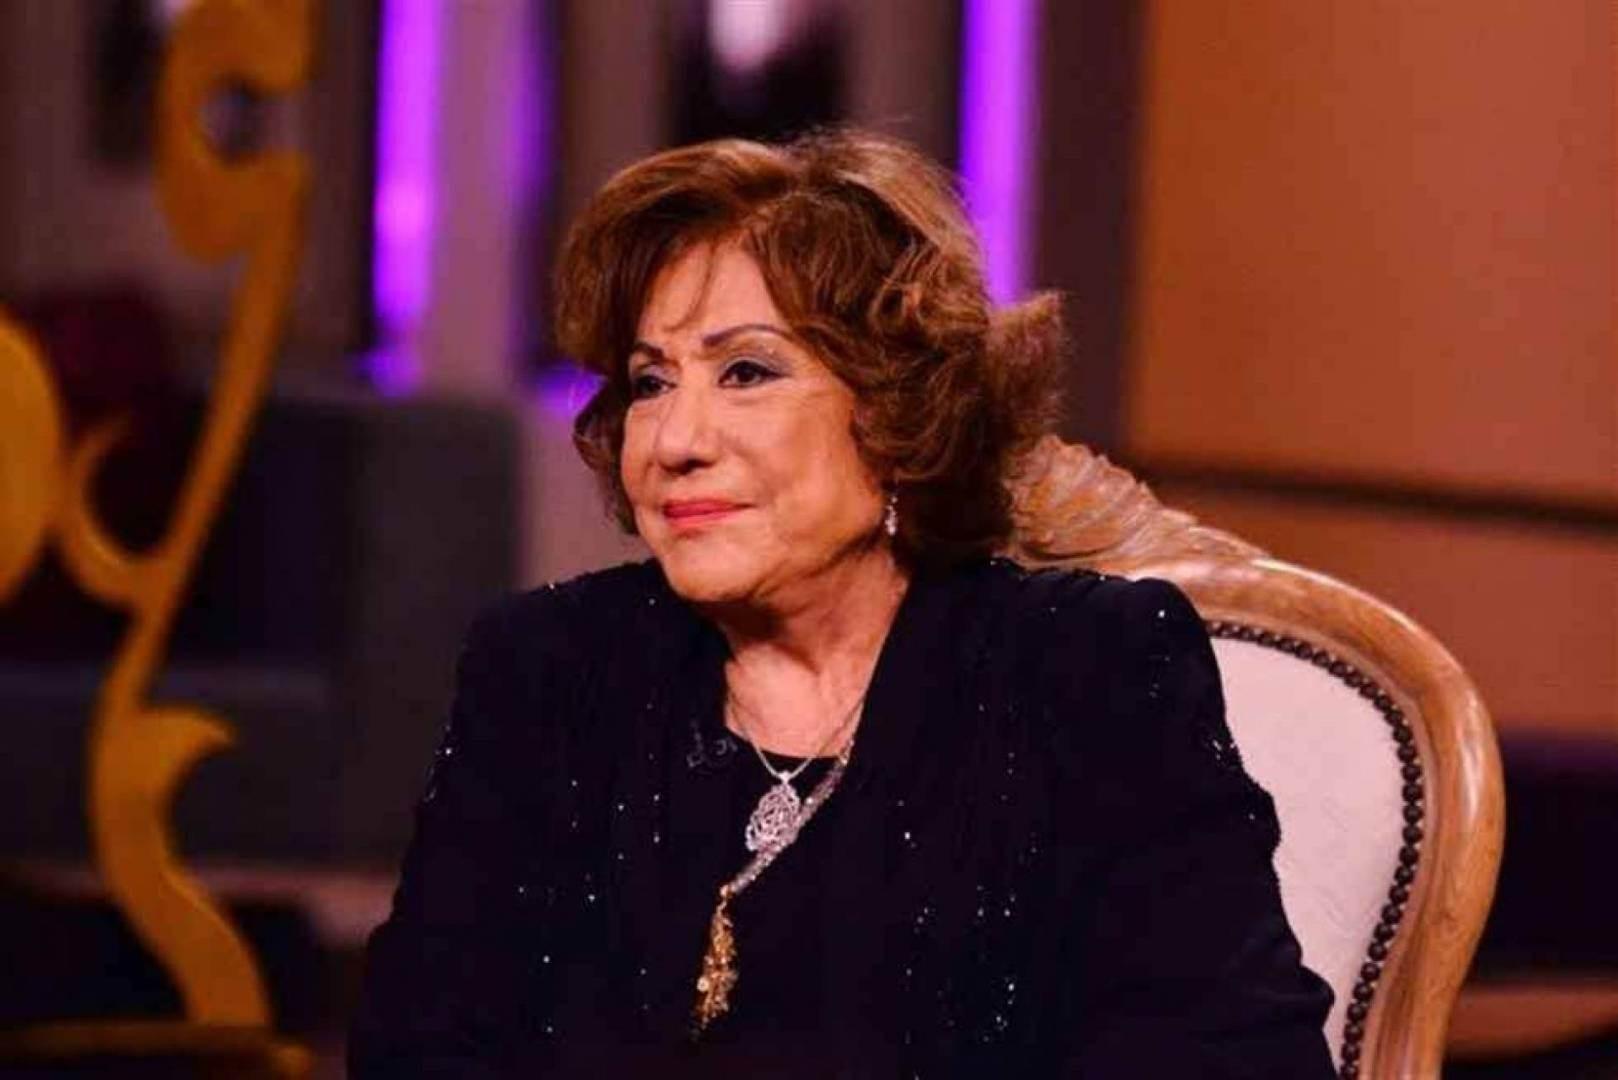 سيدة المسرح العربي سميحة أيوب